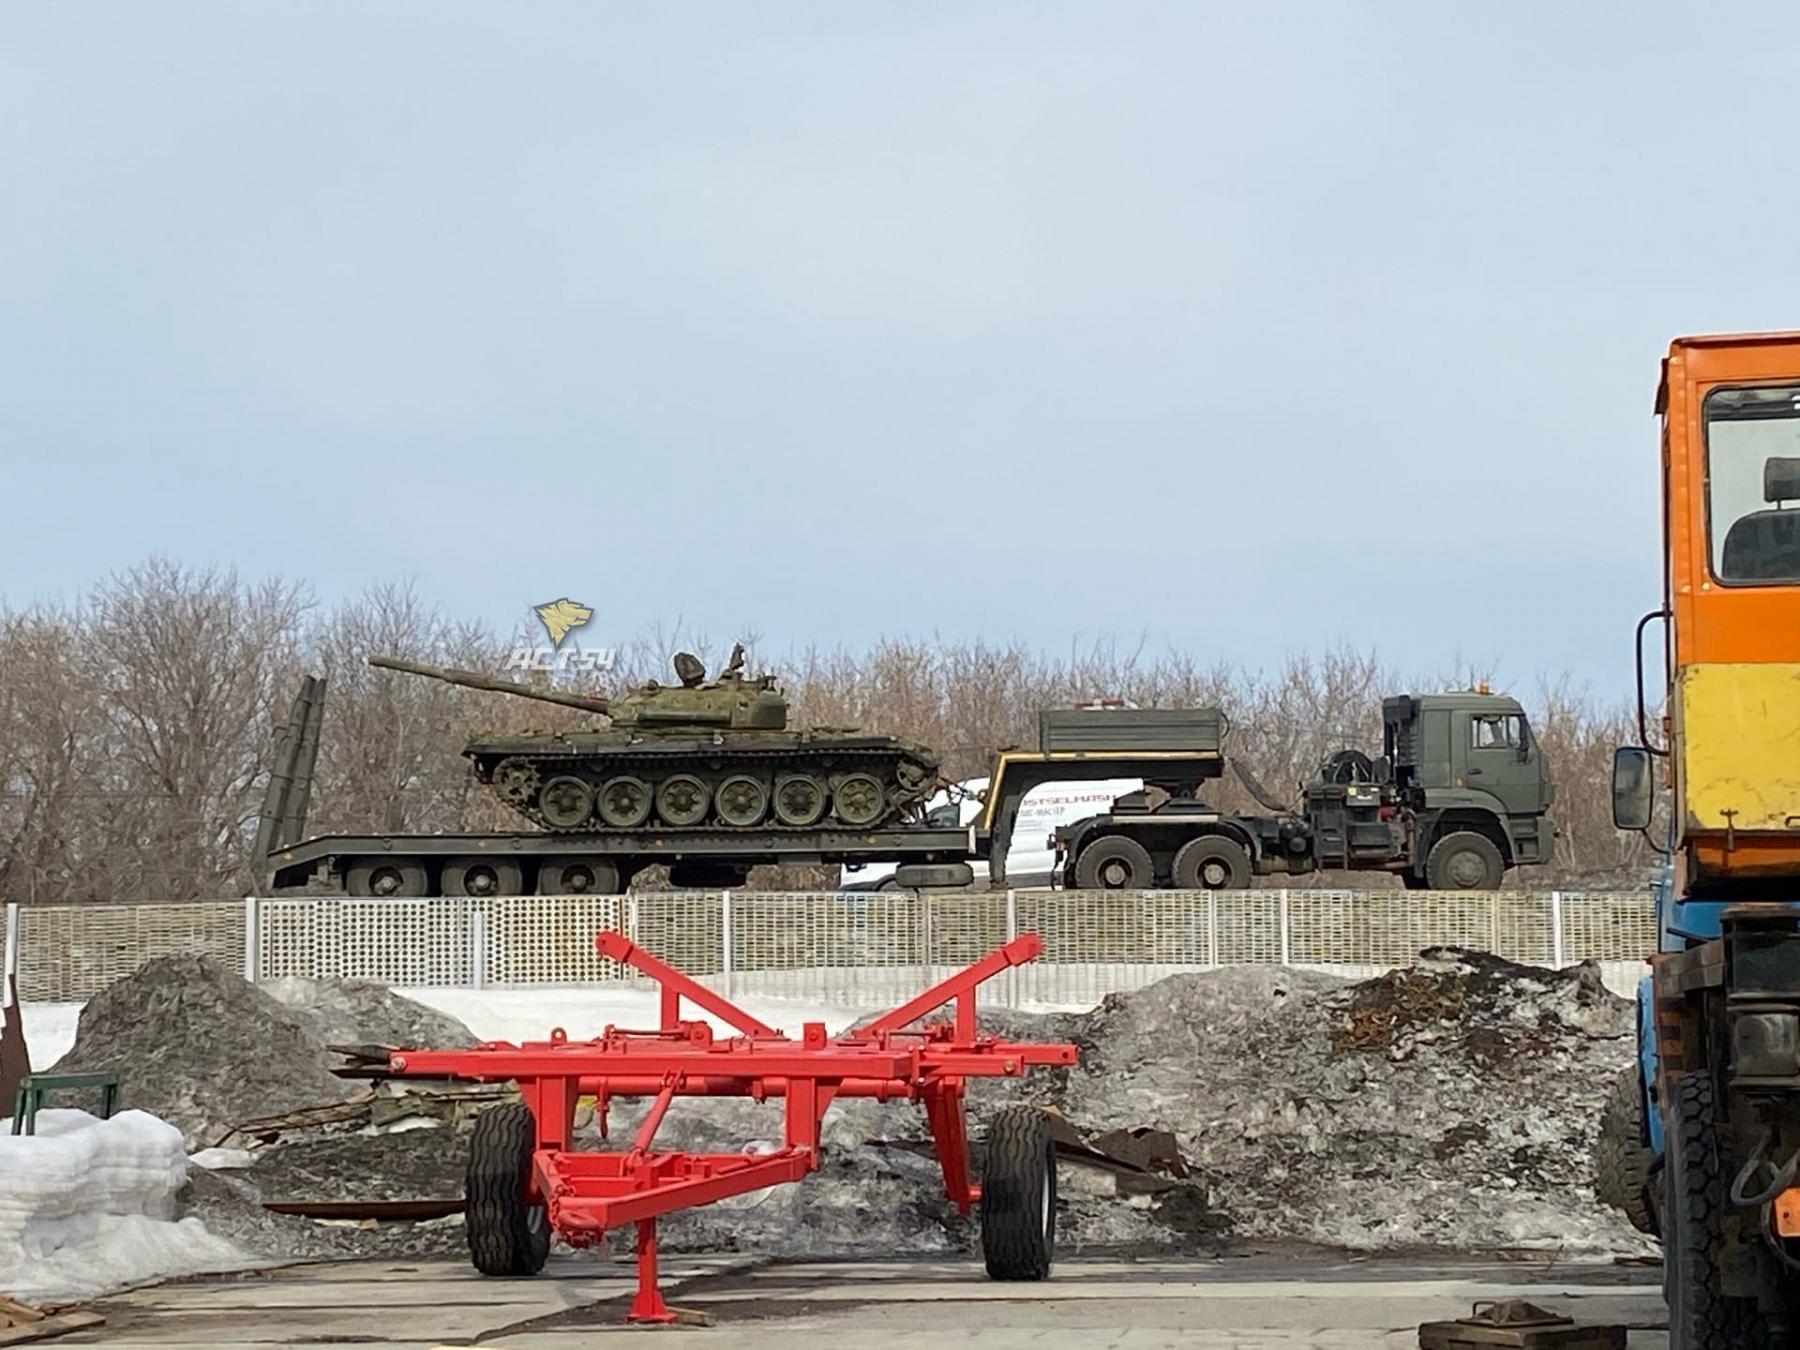 фото «Скажите спасибо, что не выстрелил»: танк дулом повредил фуру под Новосибирском 3